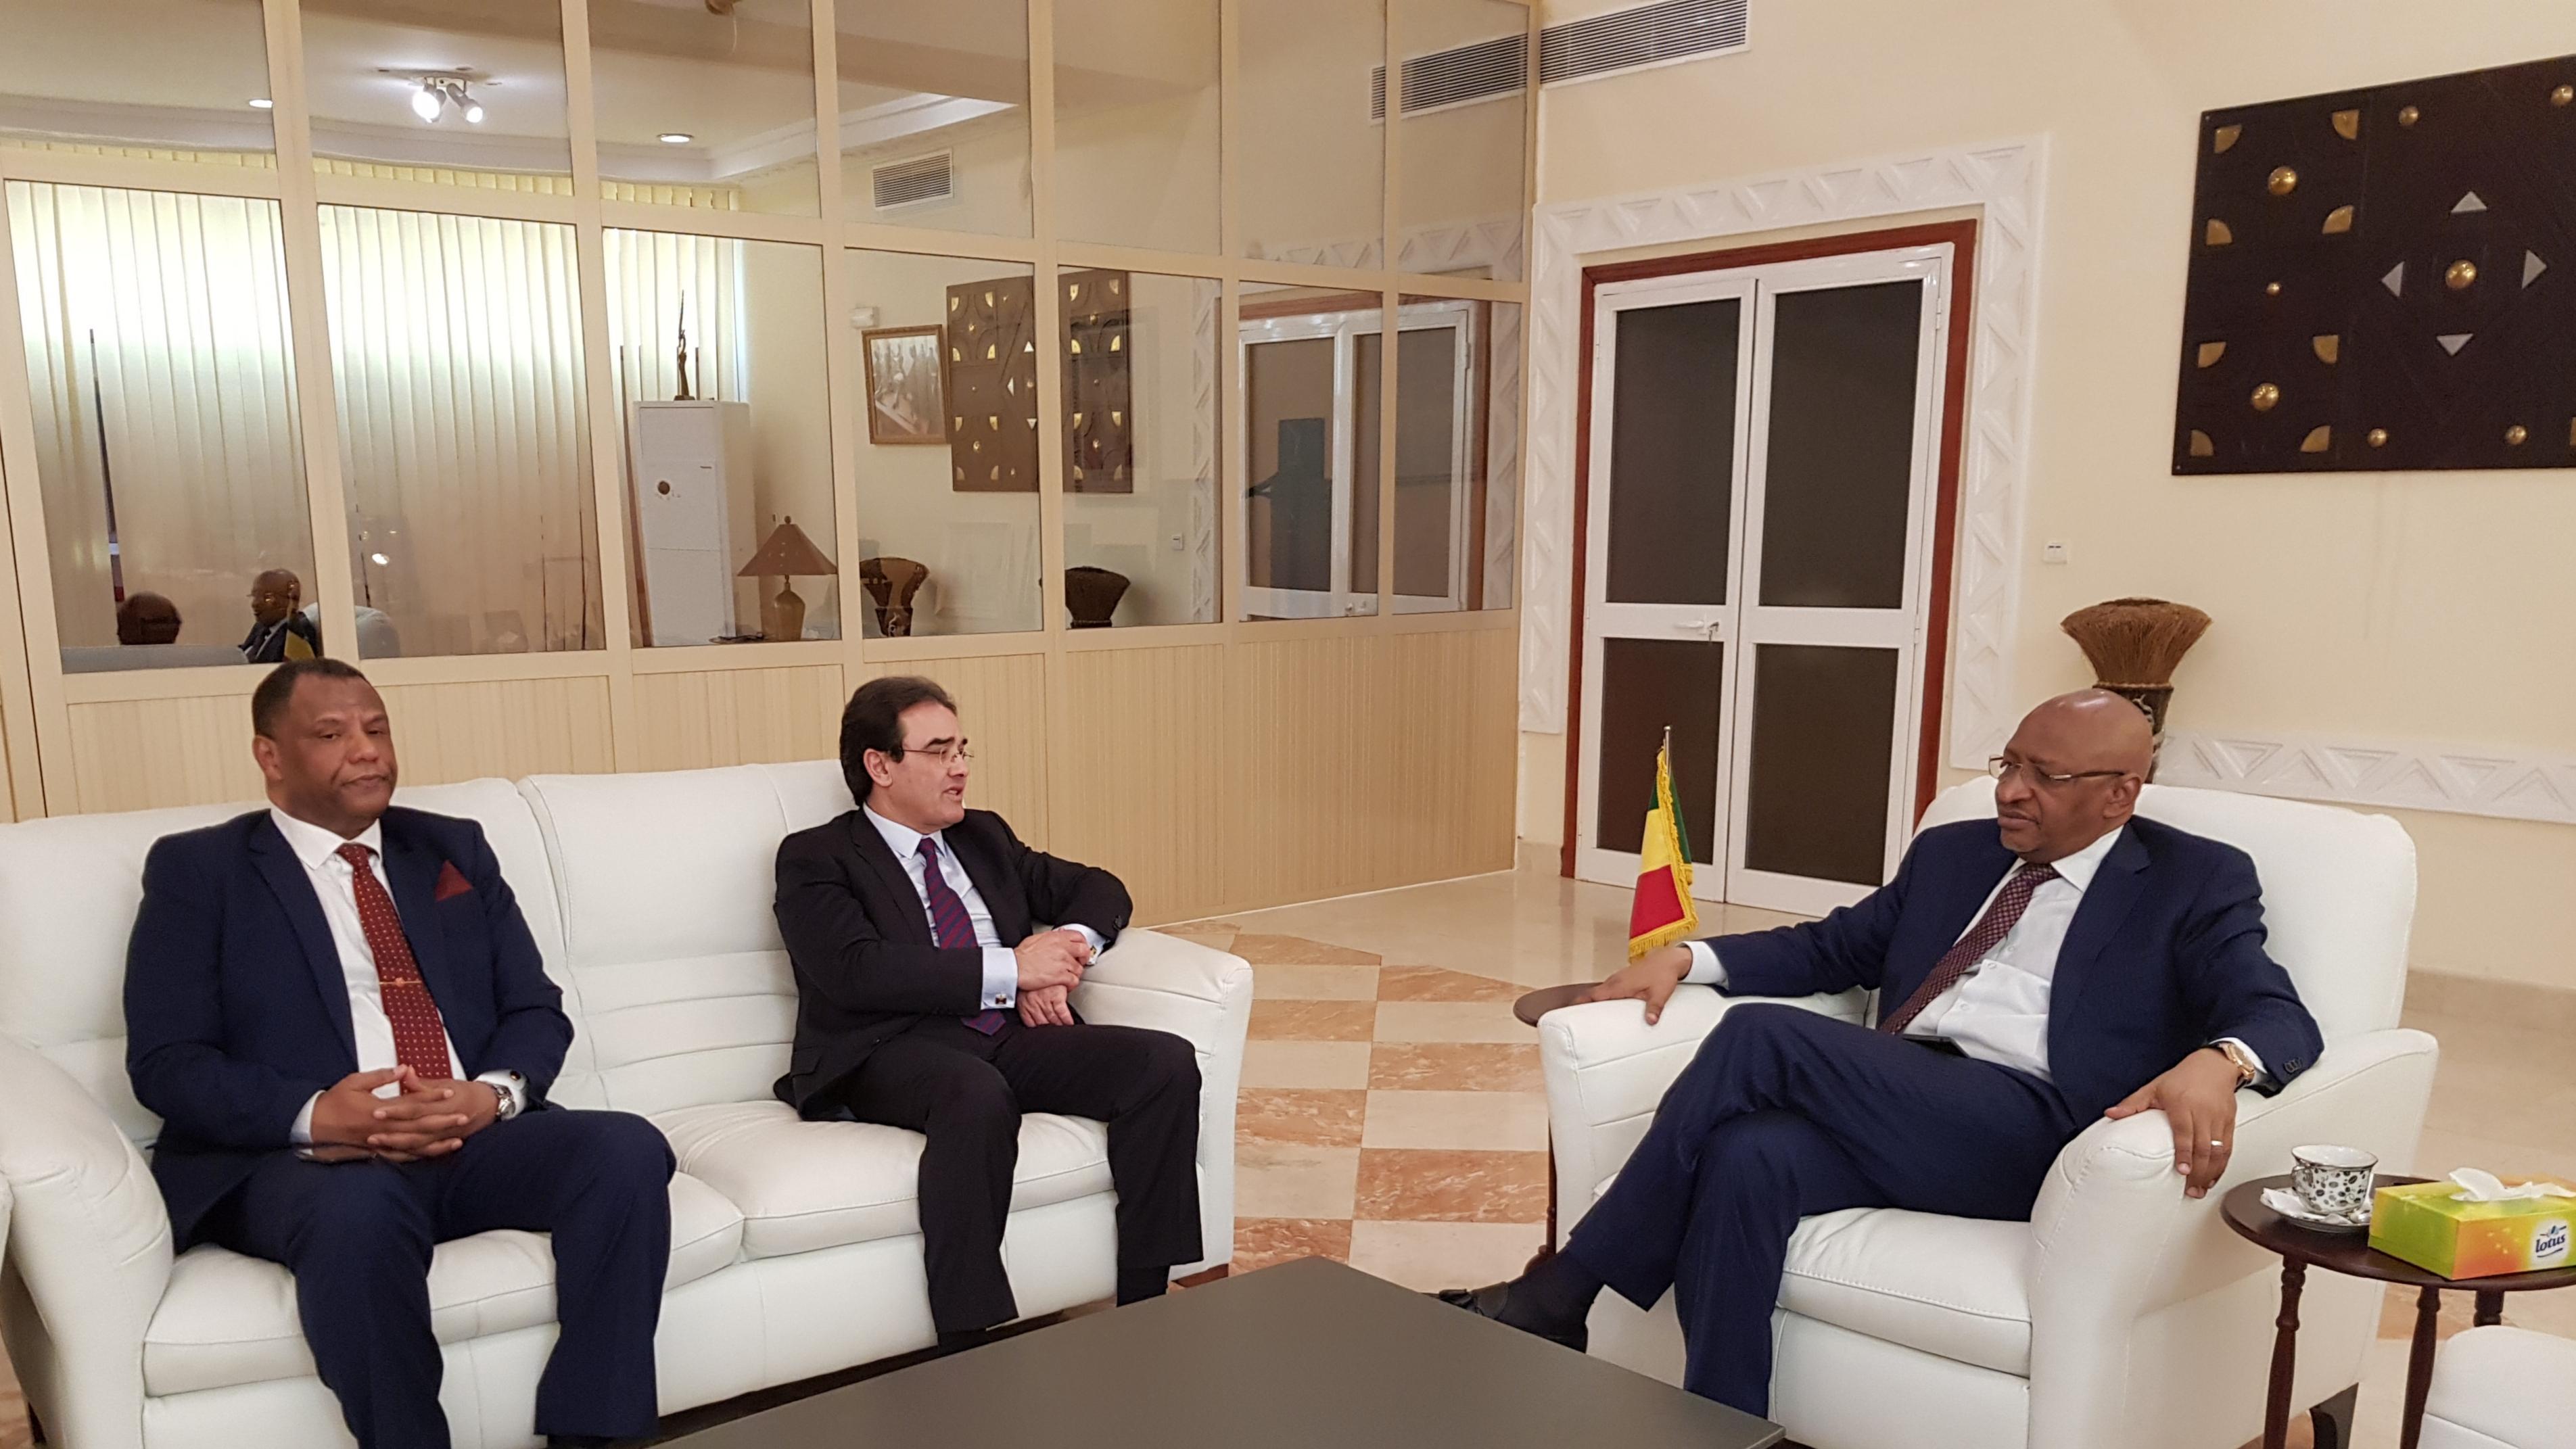 الوزير الأول المالي يستقبل عبد الكريم بنعتيق في لقاء عنوانه التأكيد على متانة العلاقات بين البلدين